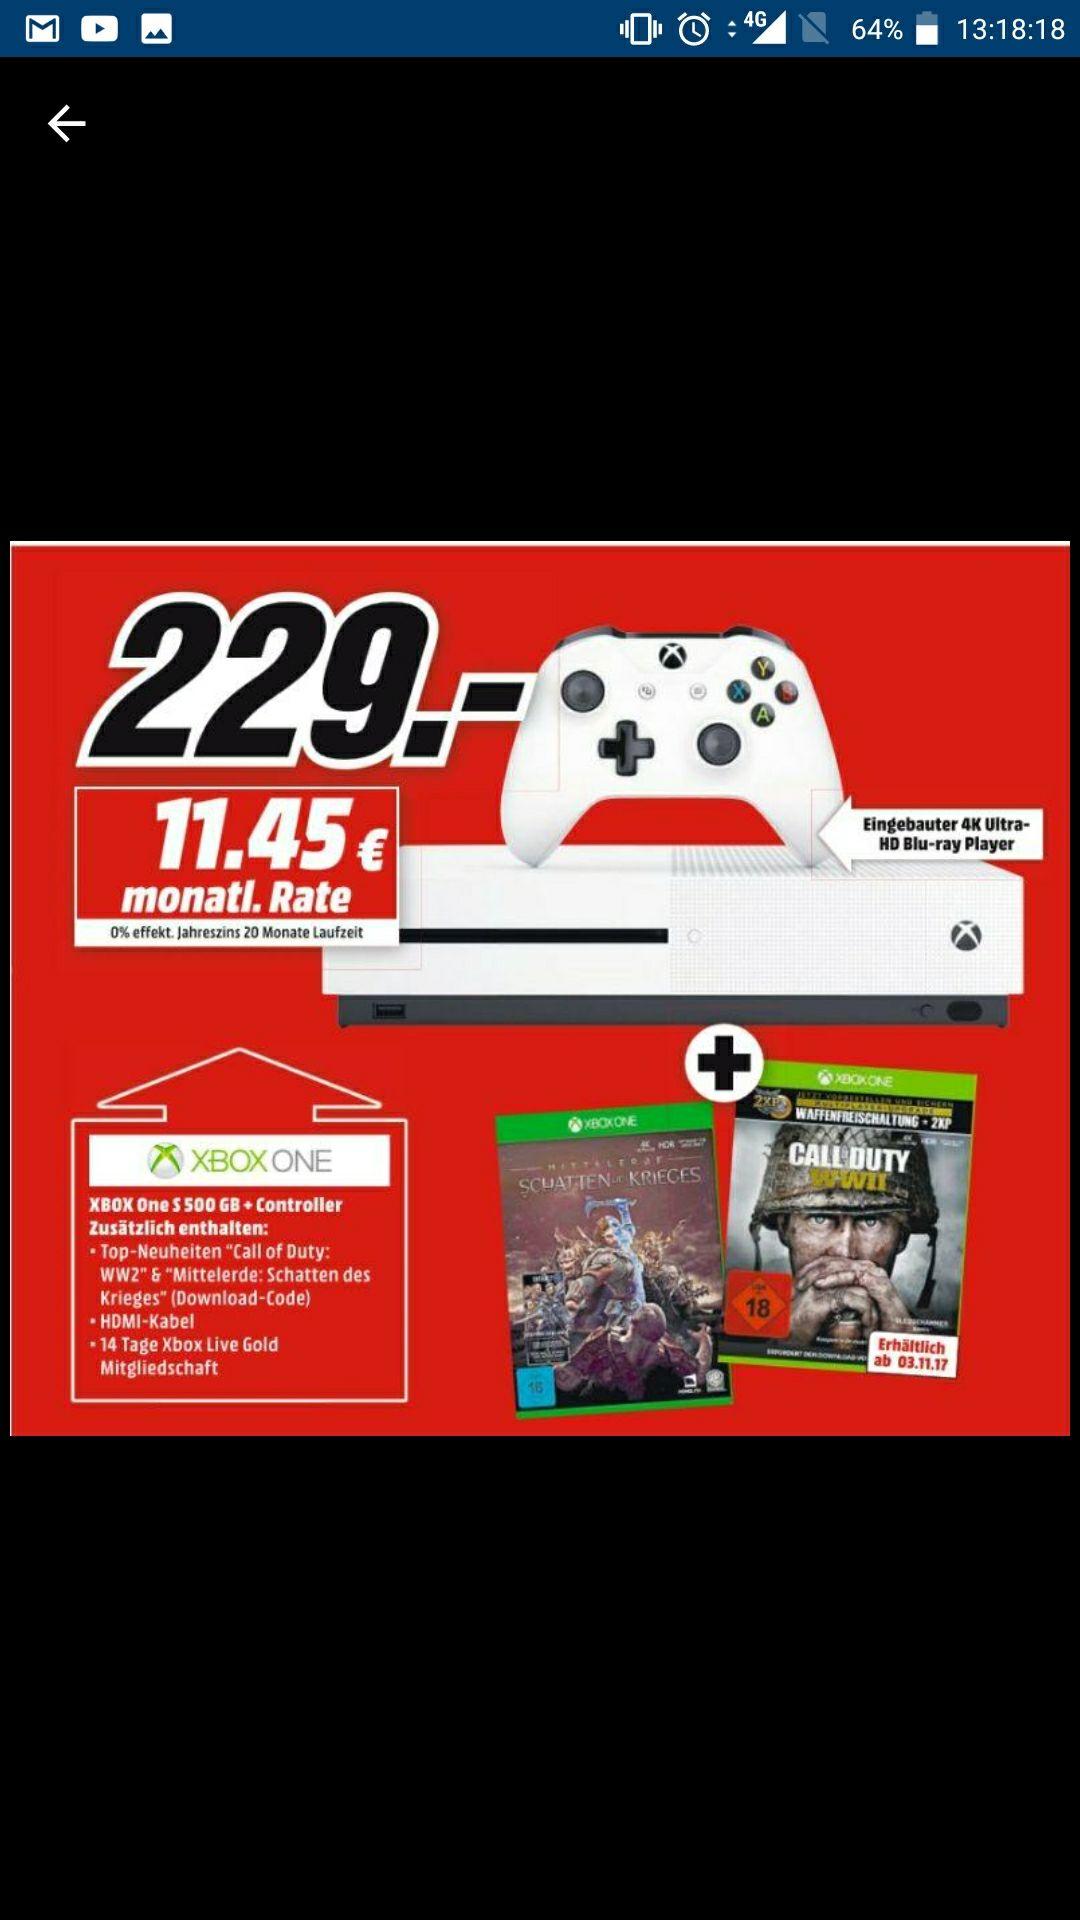 [MediaMarkt Kirchheim] Xbox One s + FIFA 18 + CoD WW2 + Mittelerde: Schatten des Krieges